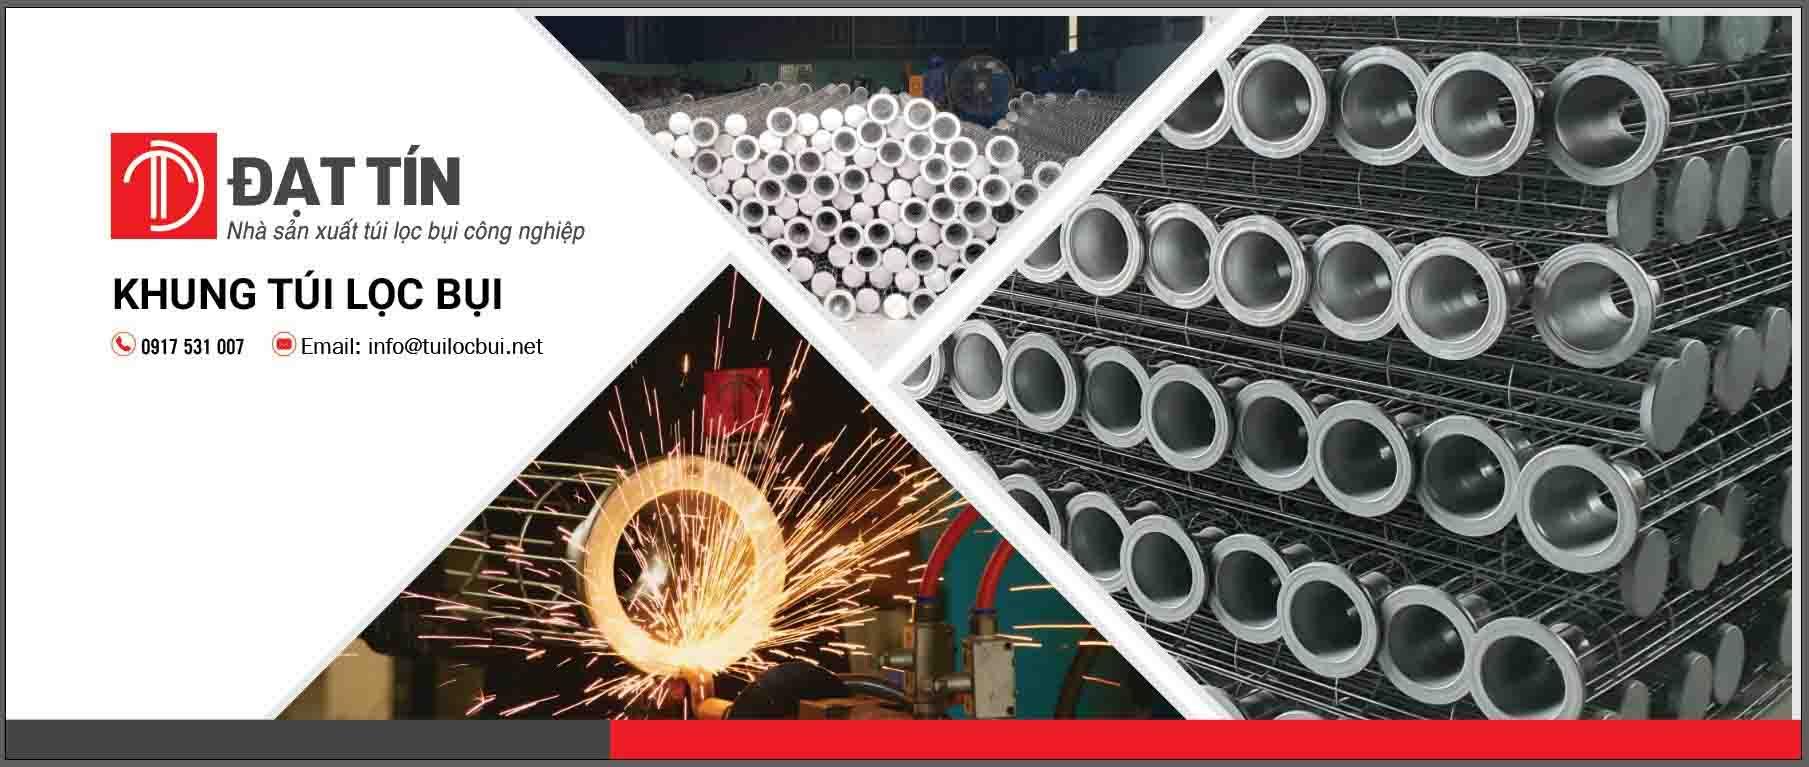 Nhà sản xuất túi lọc bụi công nghiệp Đạt Tín